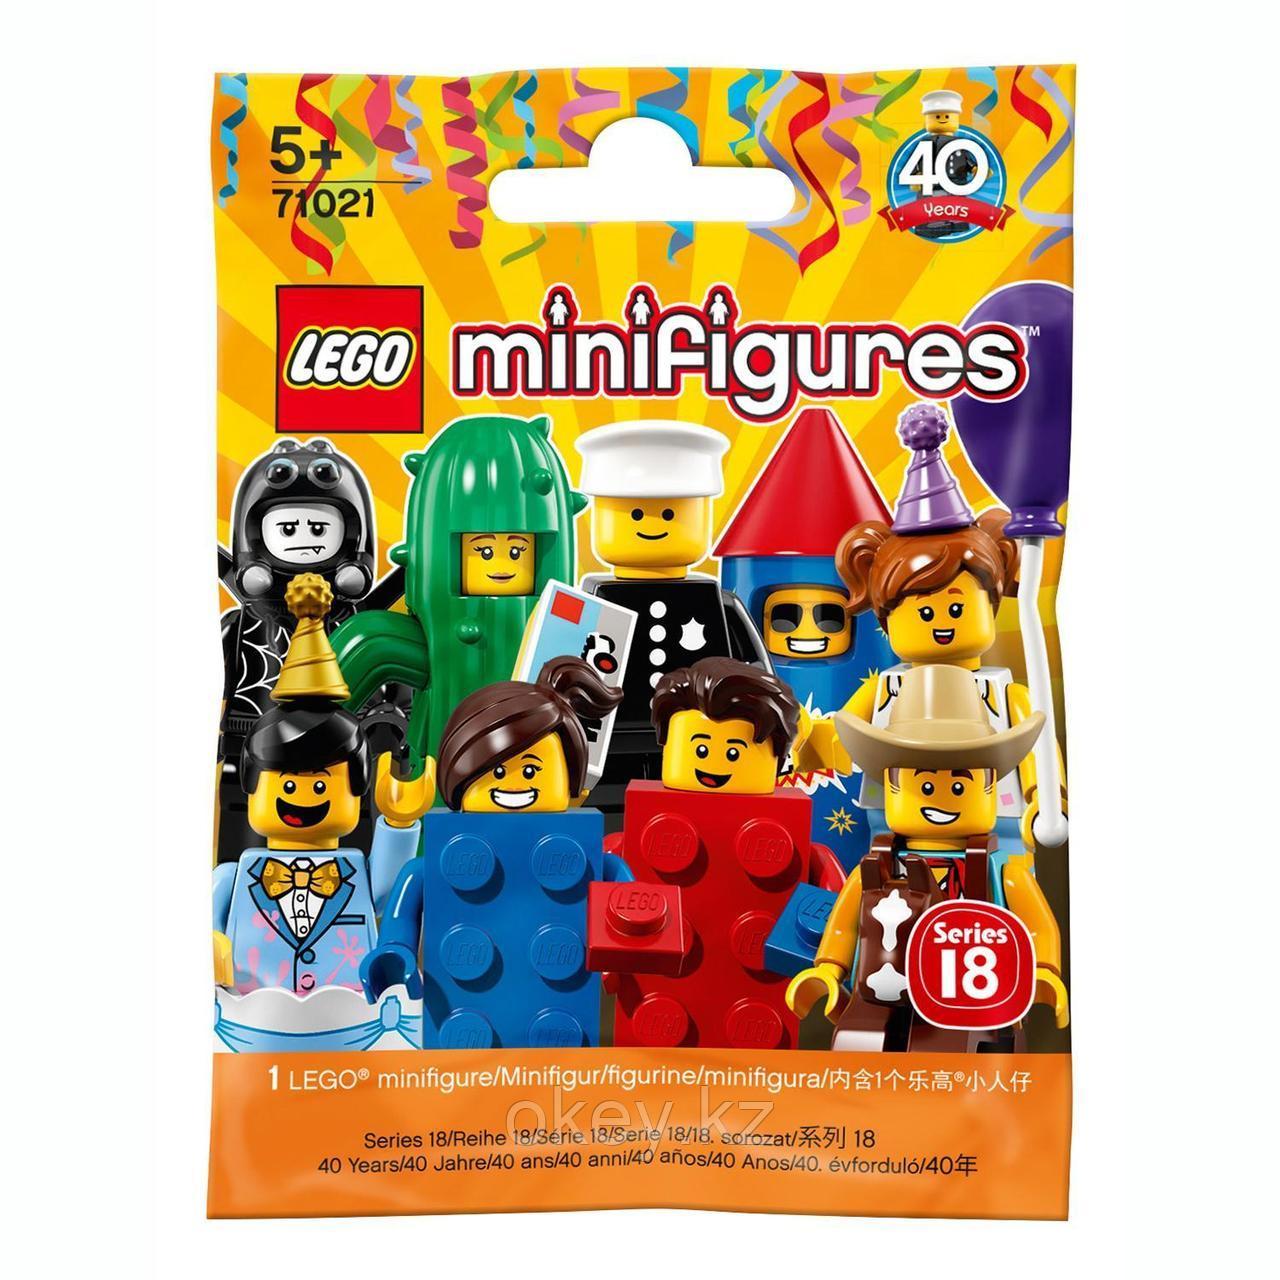 LEGO Minifigures: Юбилейная серия в ассортименте 71021